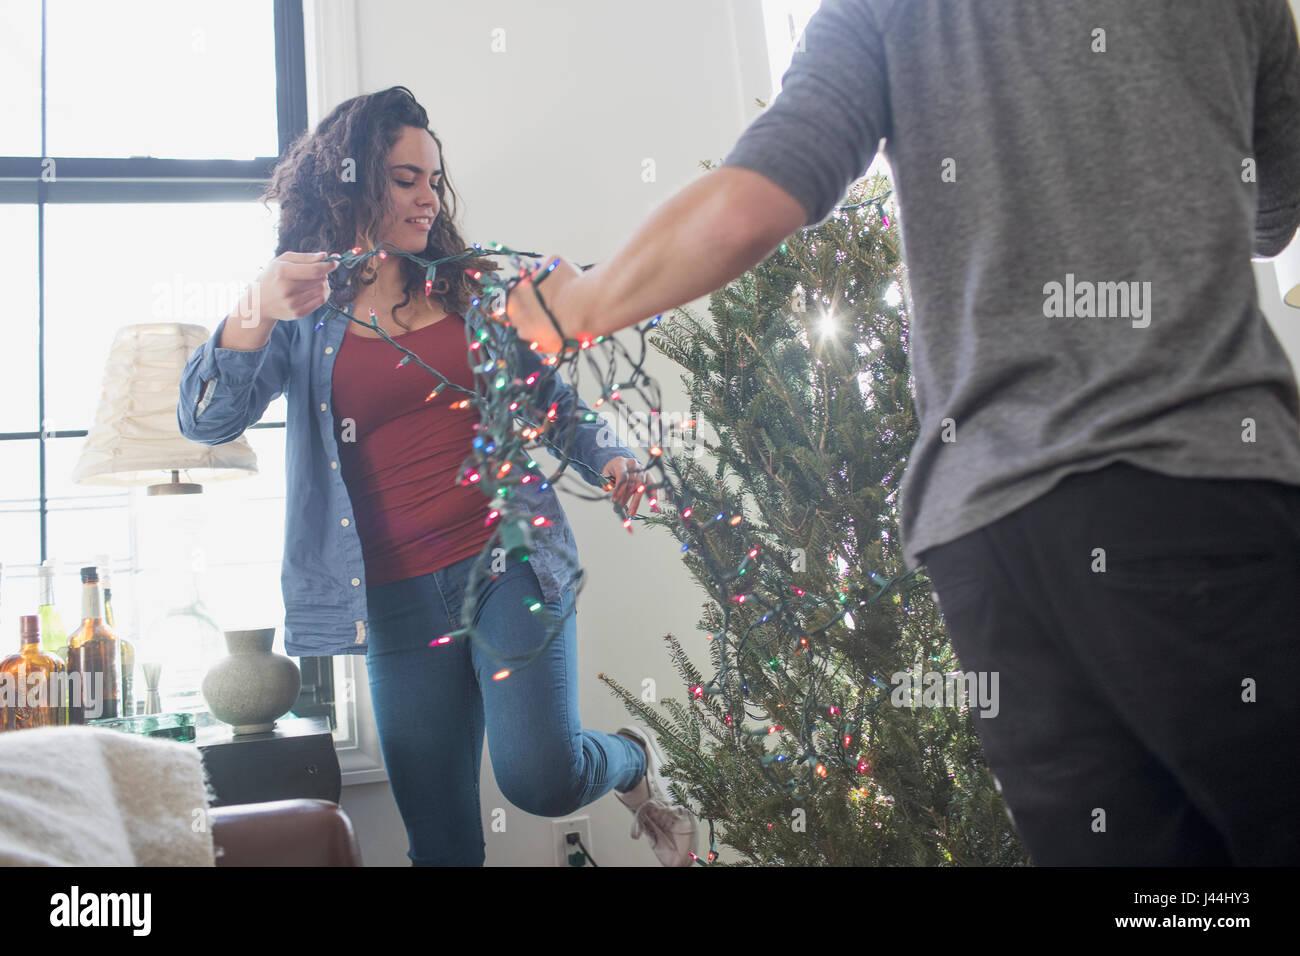 Una joven y un joven Decorar un árbol de navidad Imagen De Stock